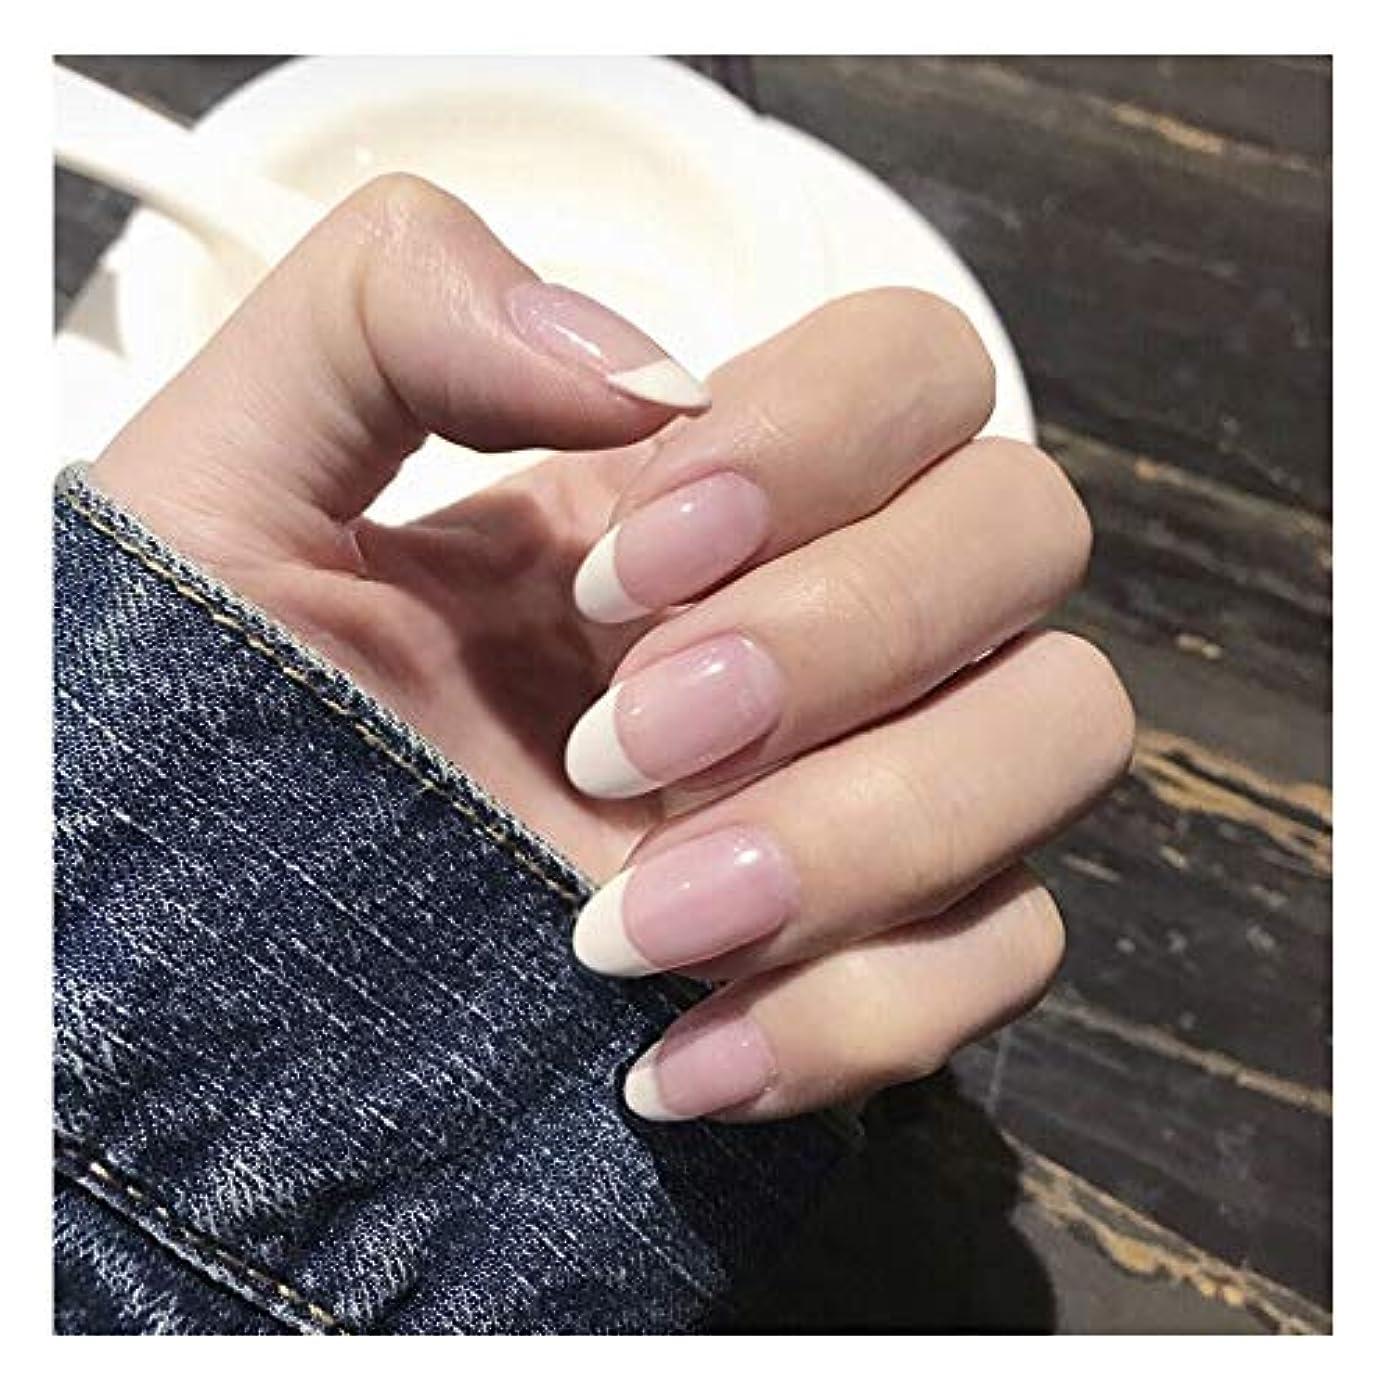 スナッチファン拾うTAALESET 透明ピンク+ホワイト下部偽爪ロングネイルズグルー完成ネイル偽爪を指摘しました (色 : 24 pieces)